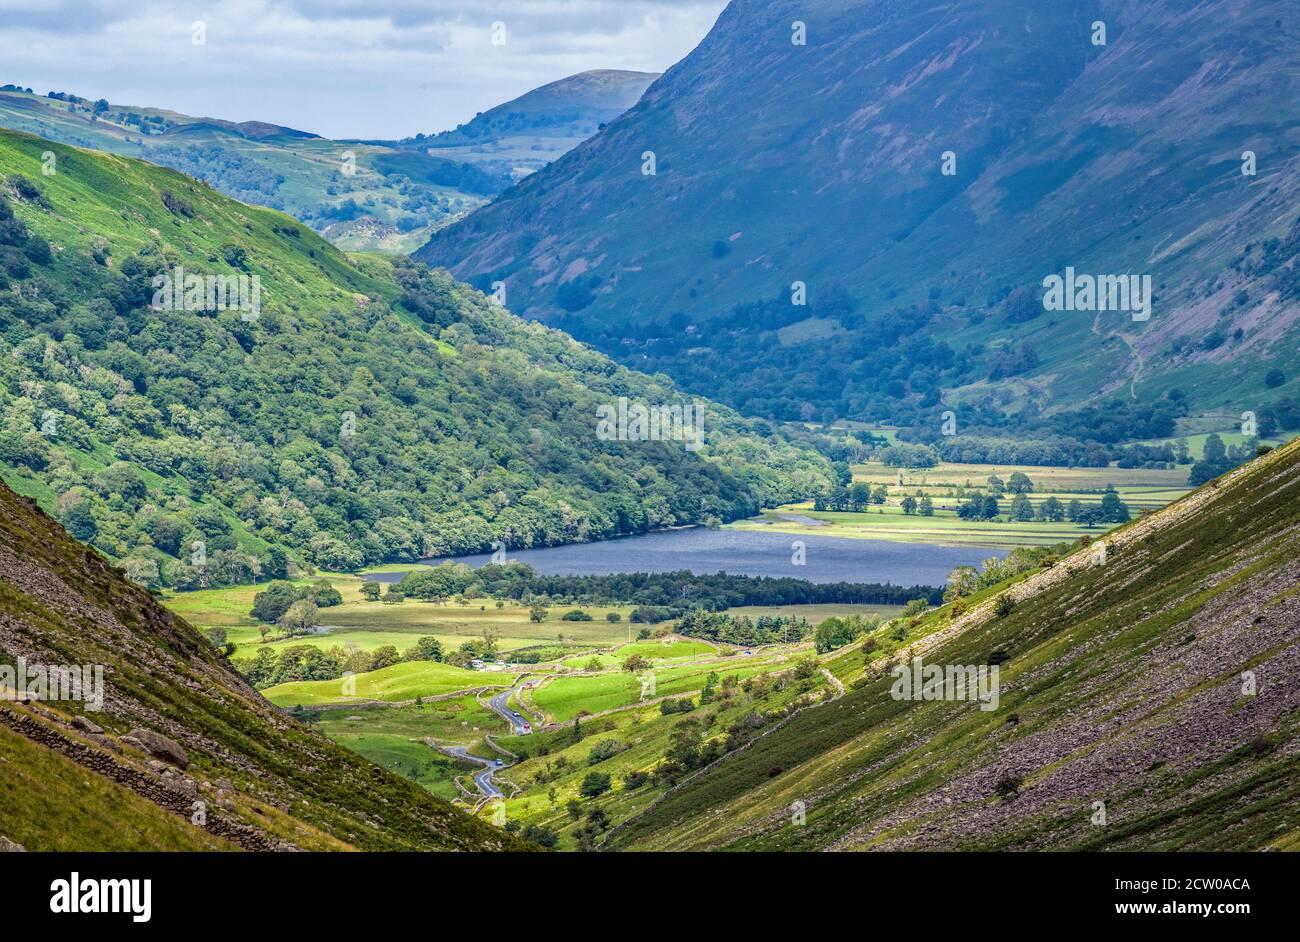 La vista hacia Brotherswater (Brothers Water) desde Kirkstone Pass en el Lake District National Park en Cumbria. Foto de stock